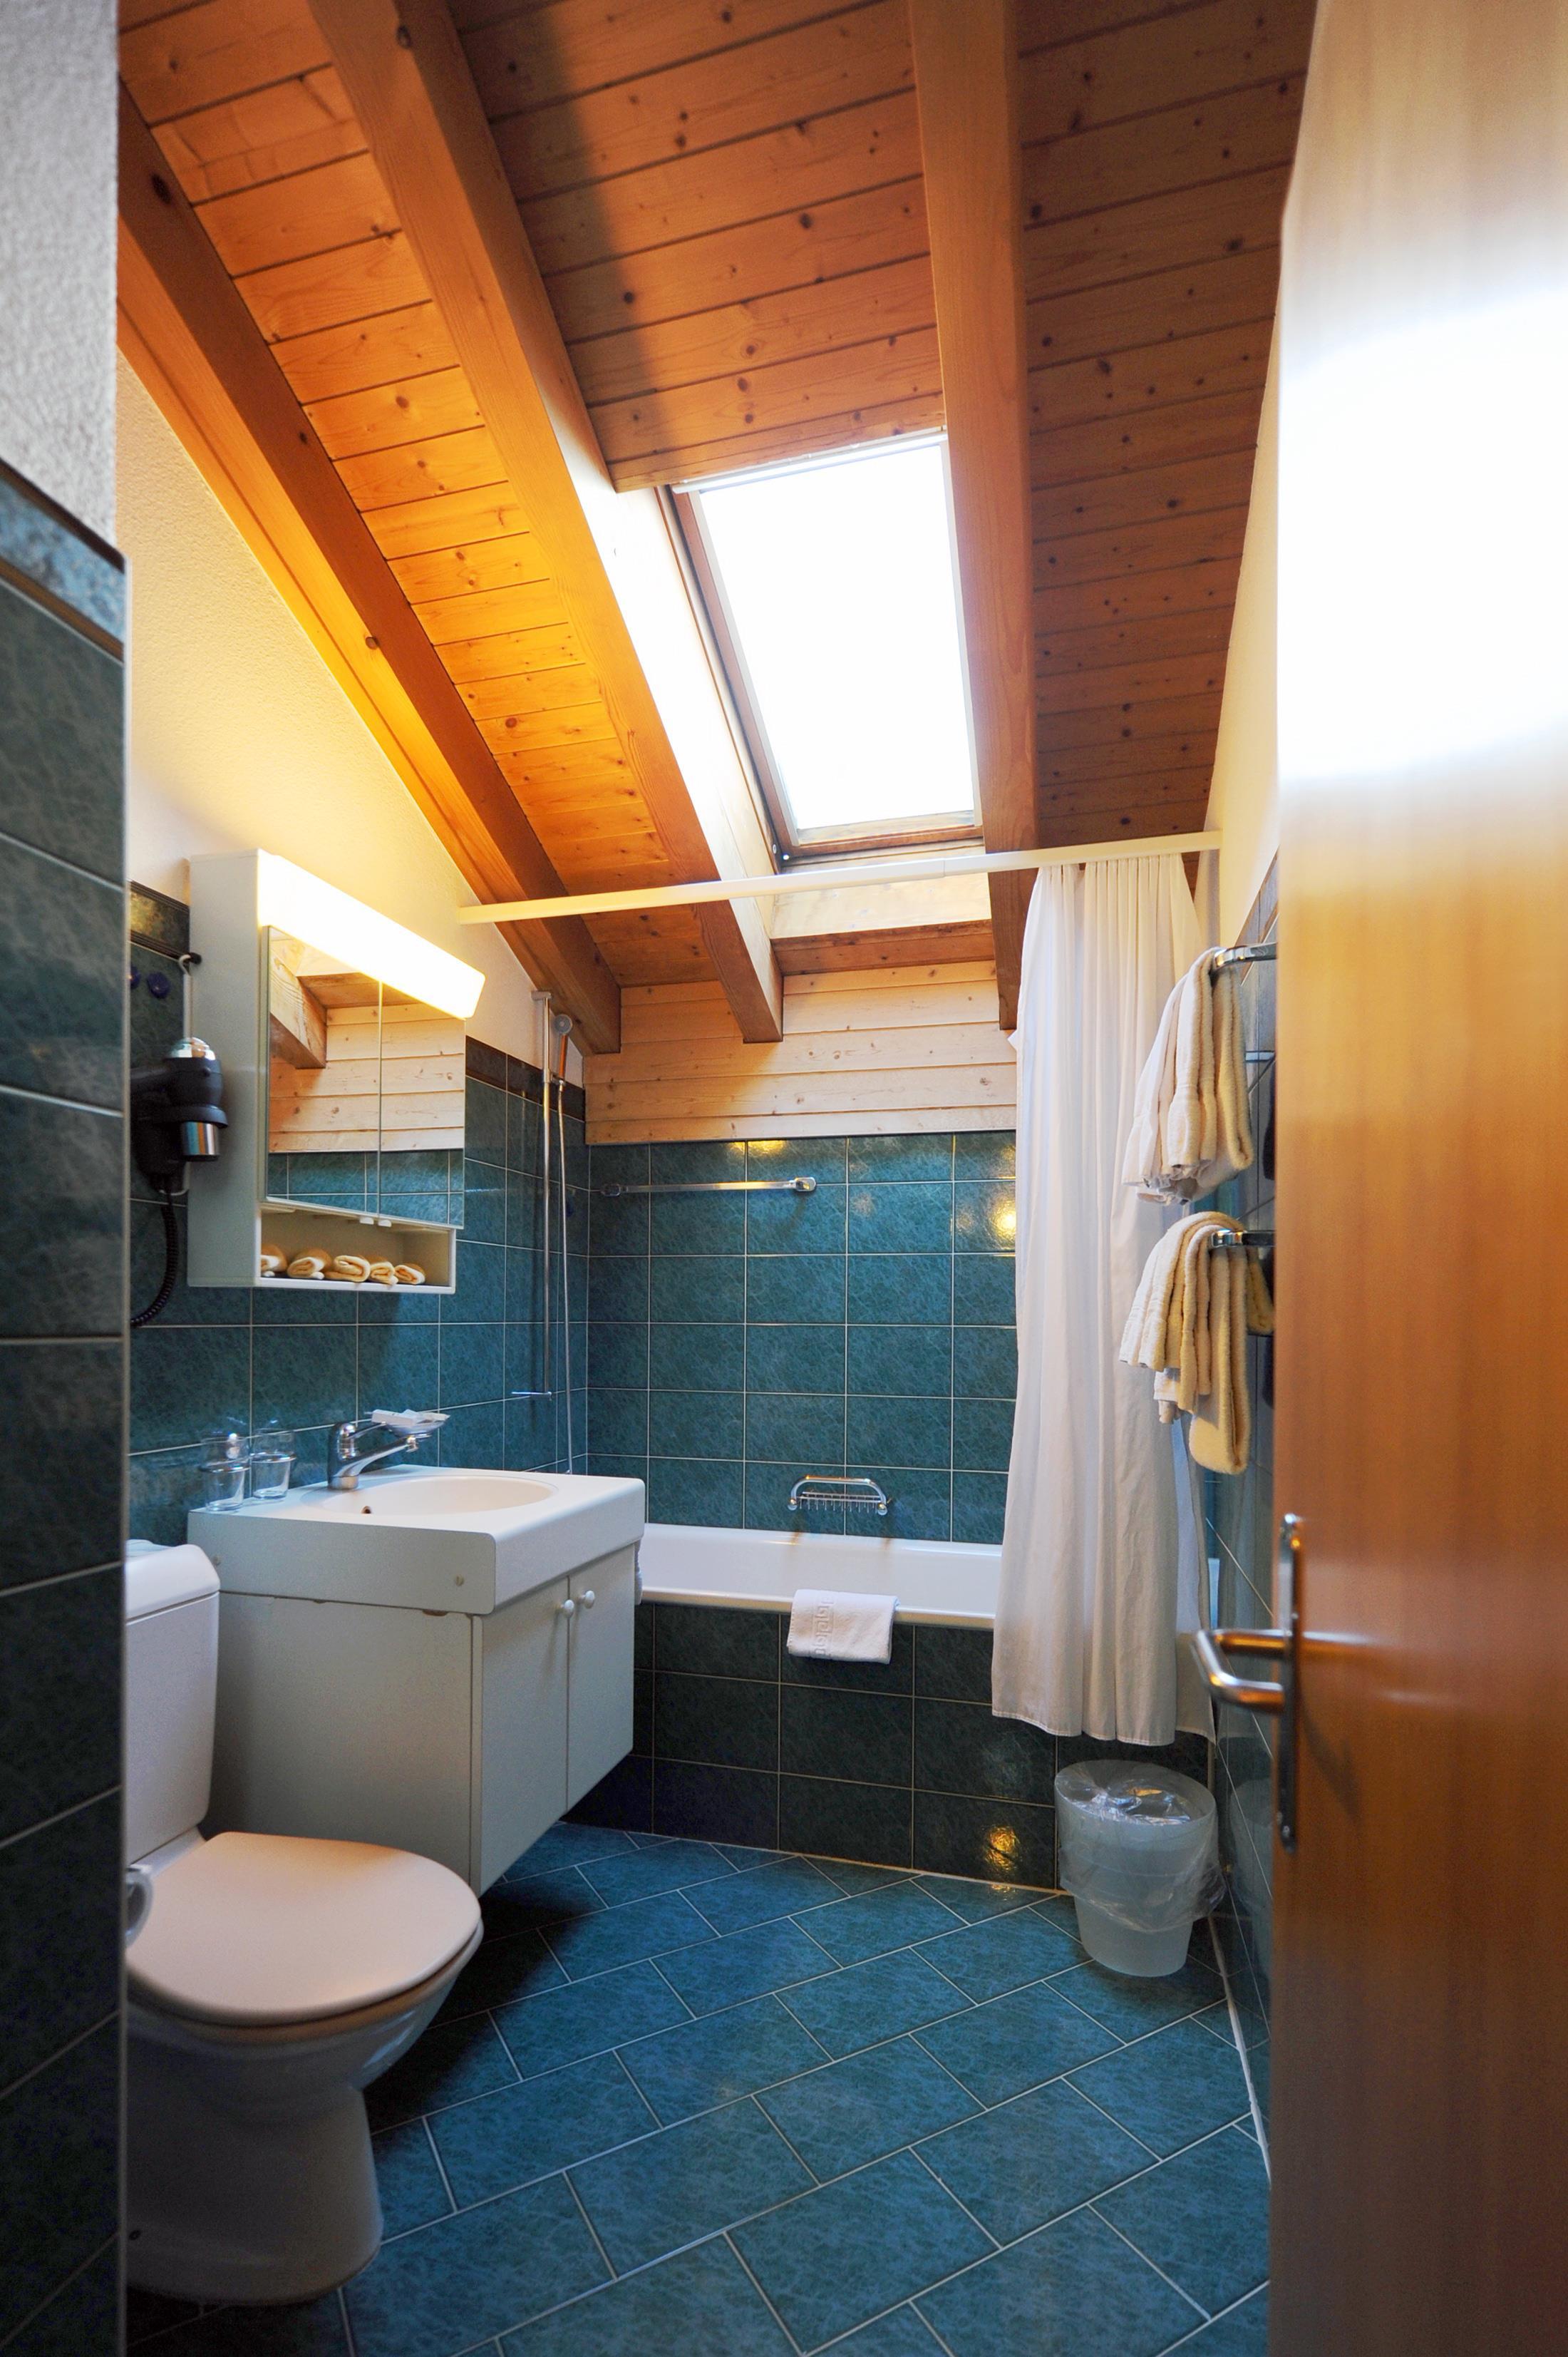 Appartement de vacances Furggenhorn App. 573 4 Bett Wohnung Obj. 4068 (2692219), Grindelwald, Région de la Jungfrau, Oberland bernois, Suisse, image 9